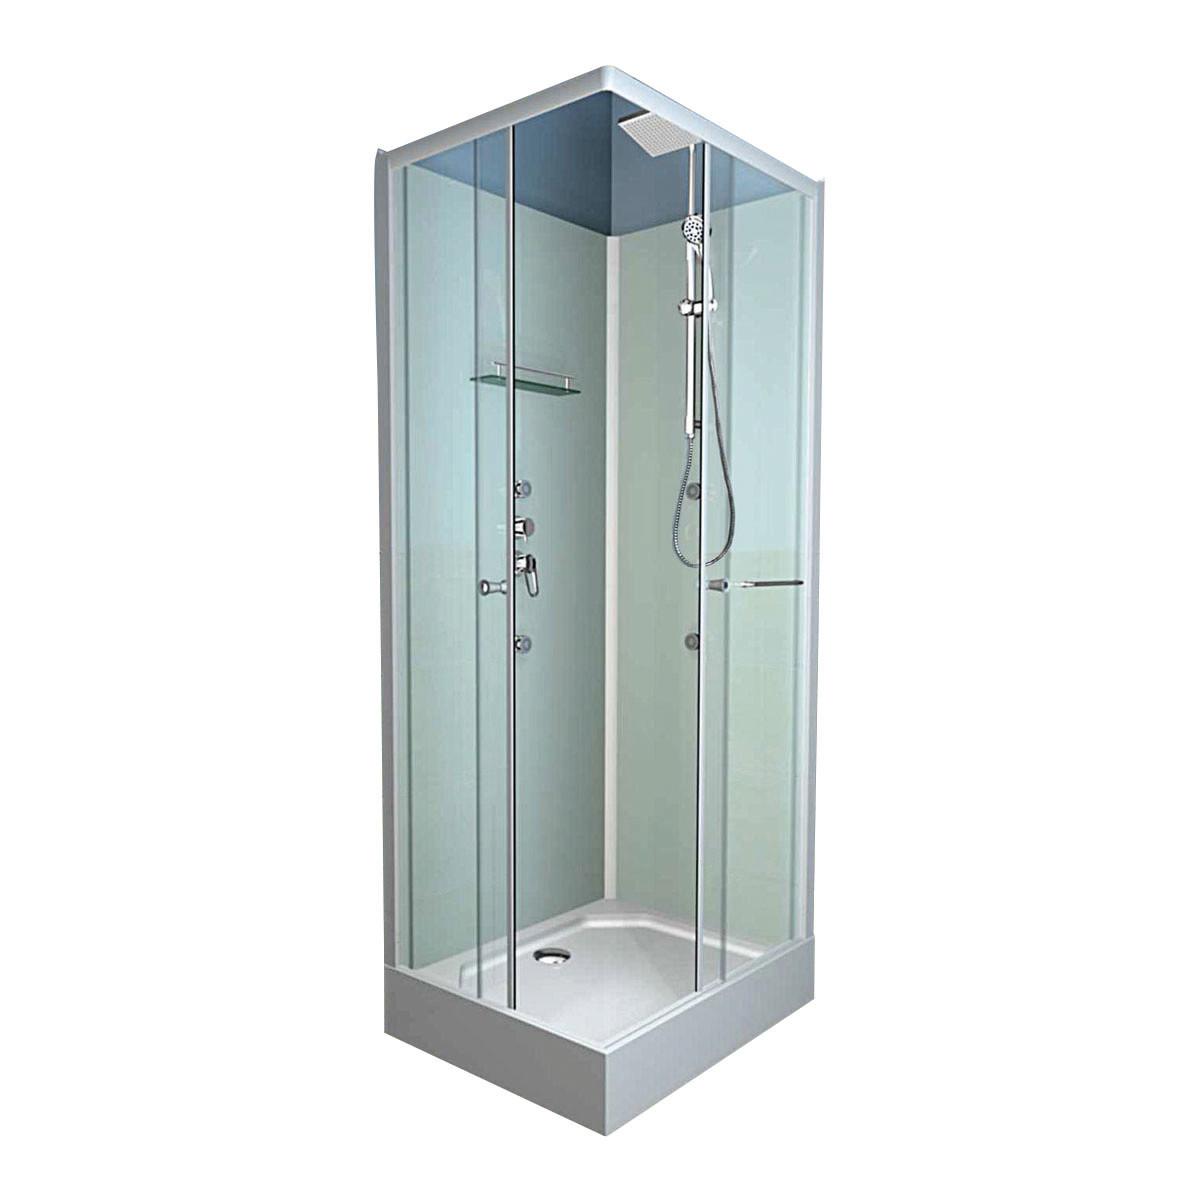 Doccia e vasca insieme 70cm for Cabine doccia prezzi leroy merlin